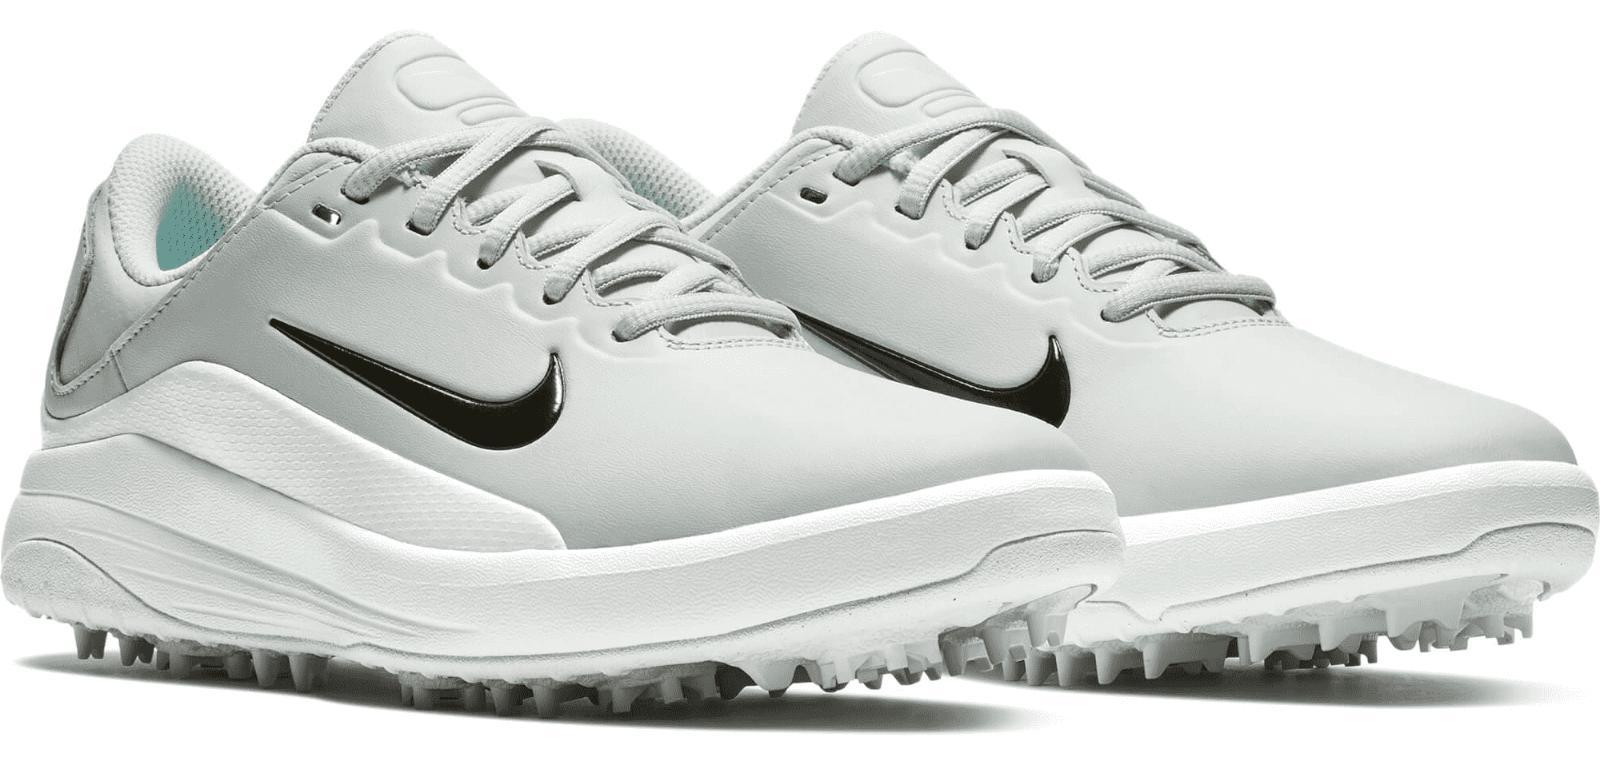 womens vapor golf shoes pure platinum black